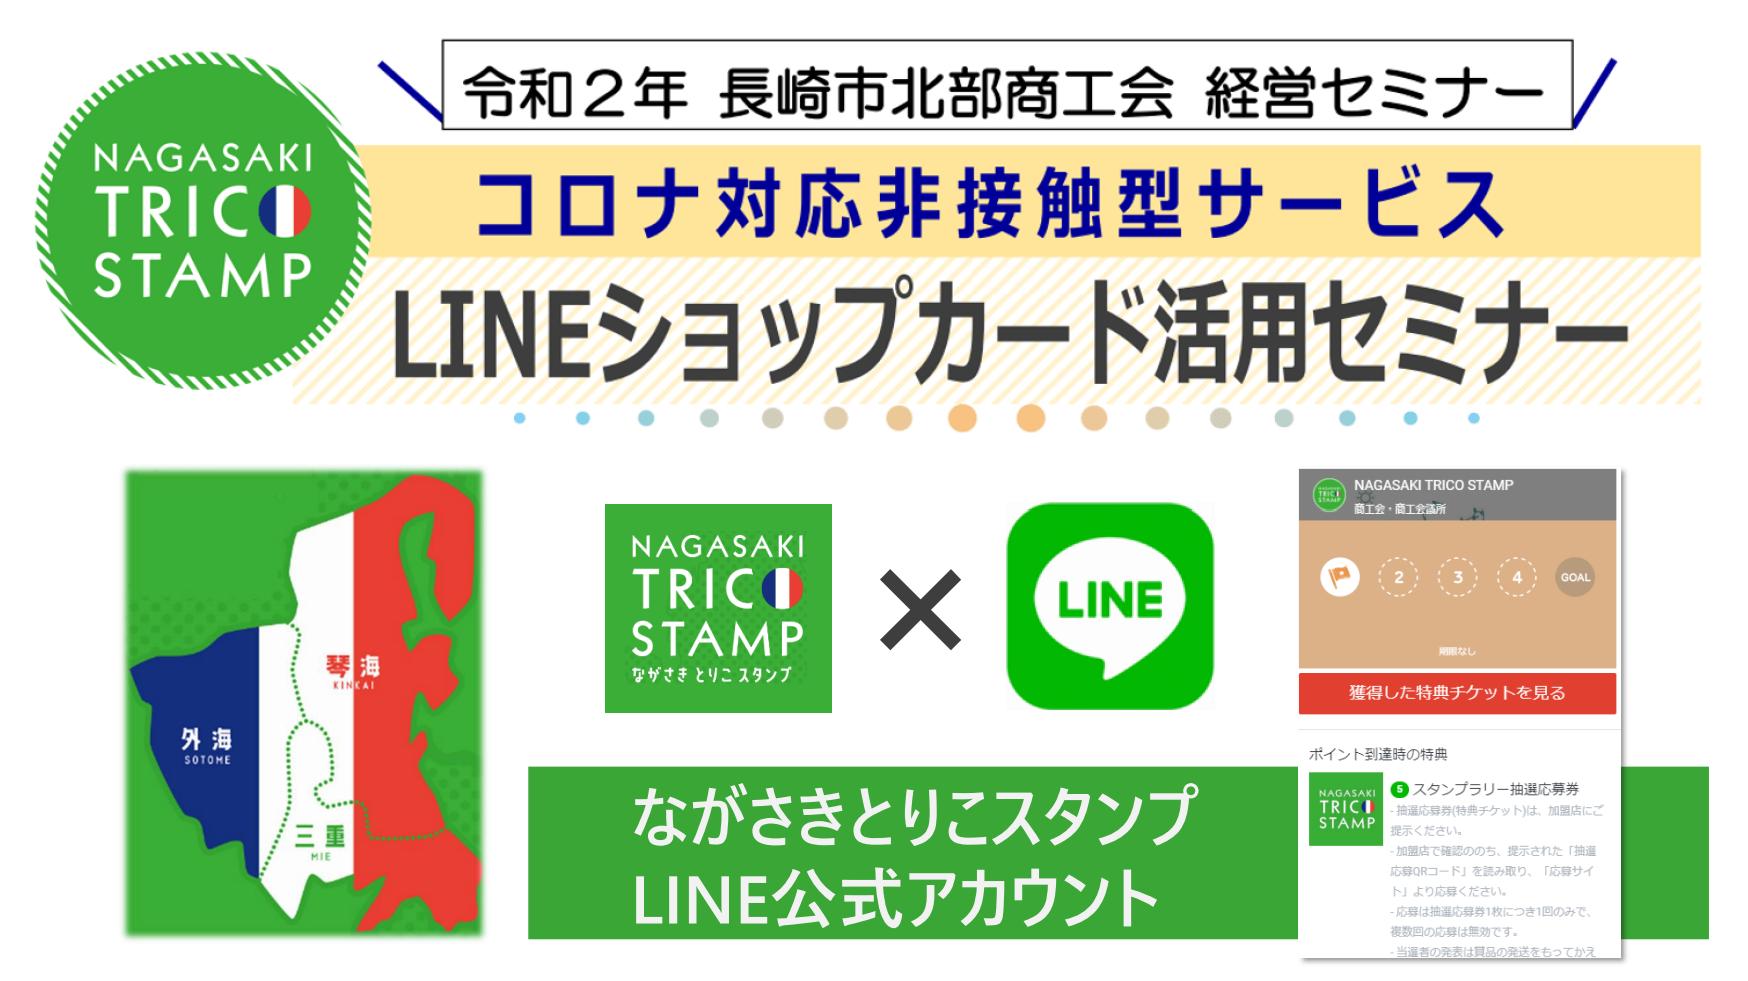 2020.08.26 LINEを使った地域支援活動説明会